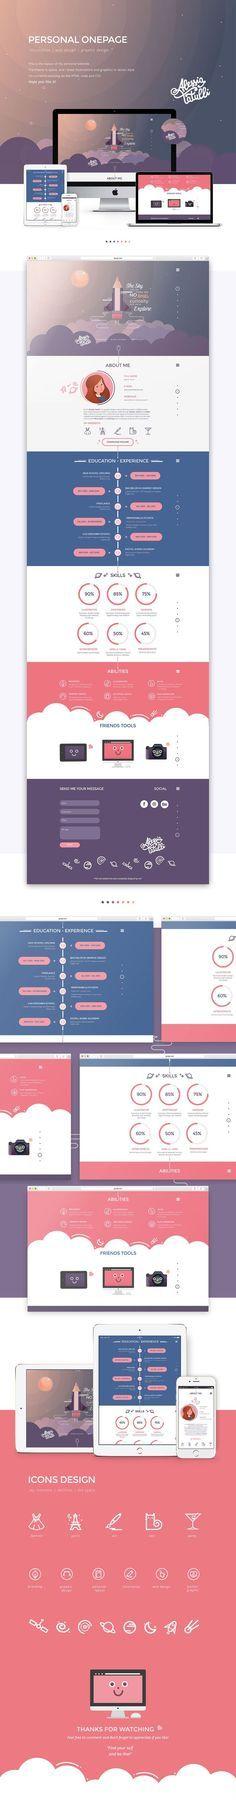 Разработка создание продвижение веб сайтов web дизайн студия интернет ndex/mobile_music/s раскрутка блога за деньги